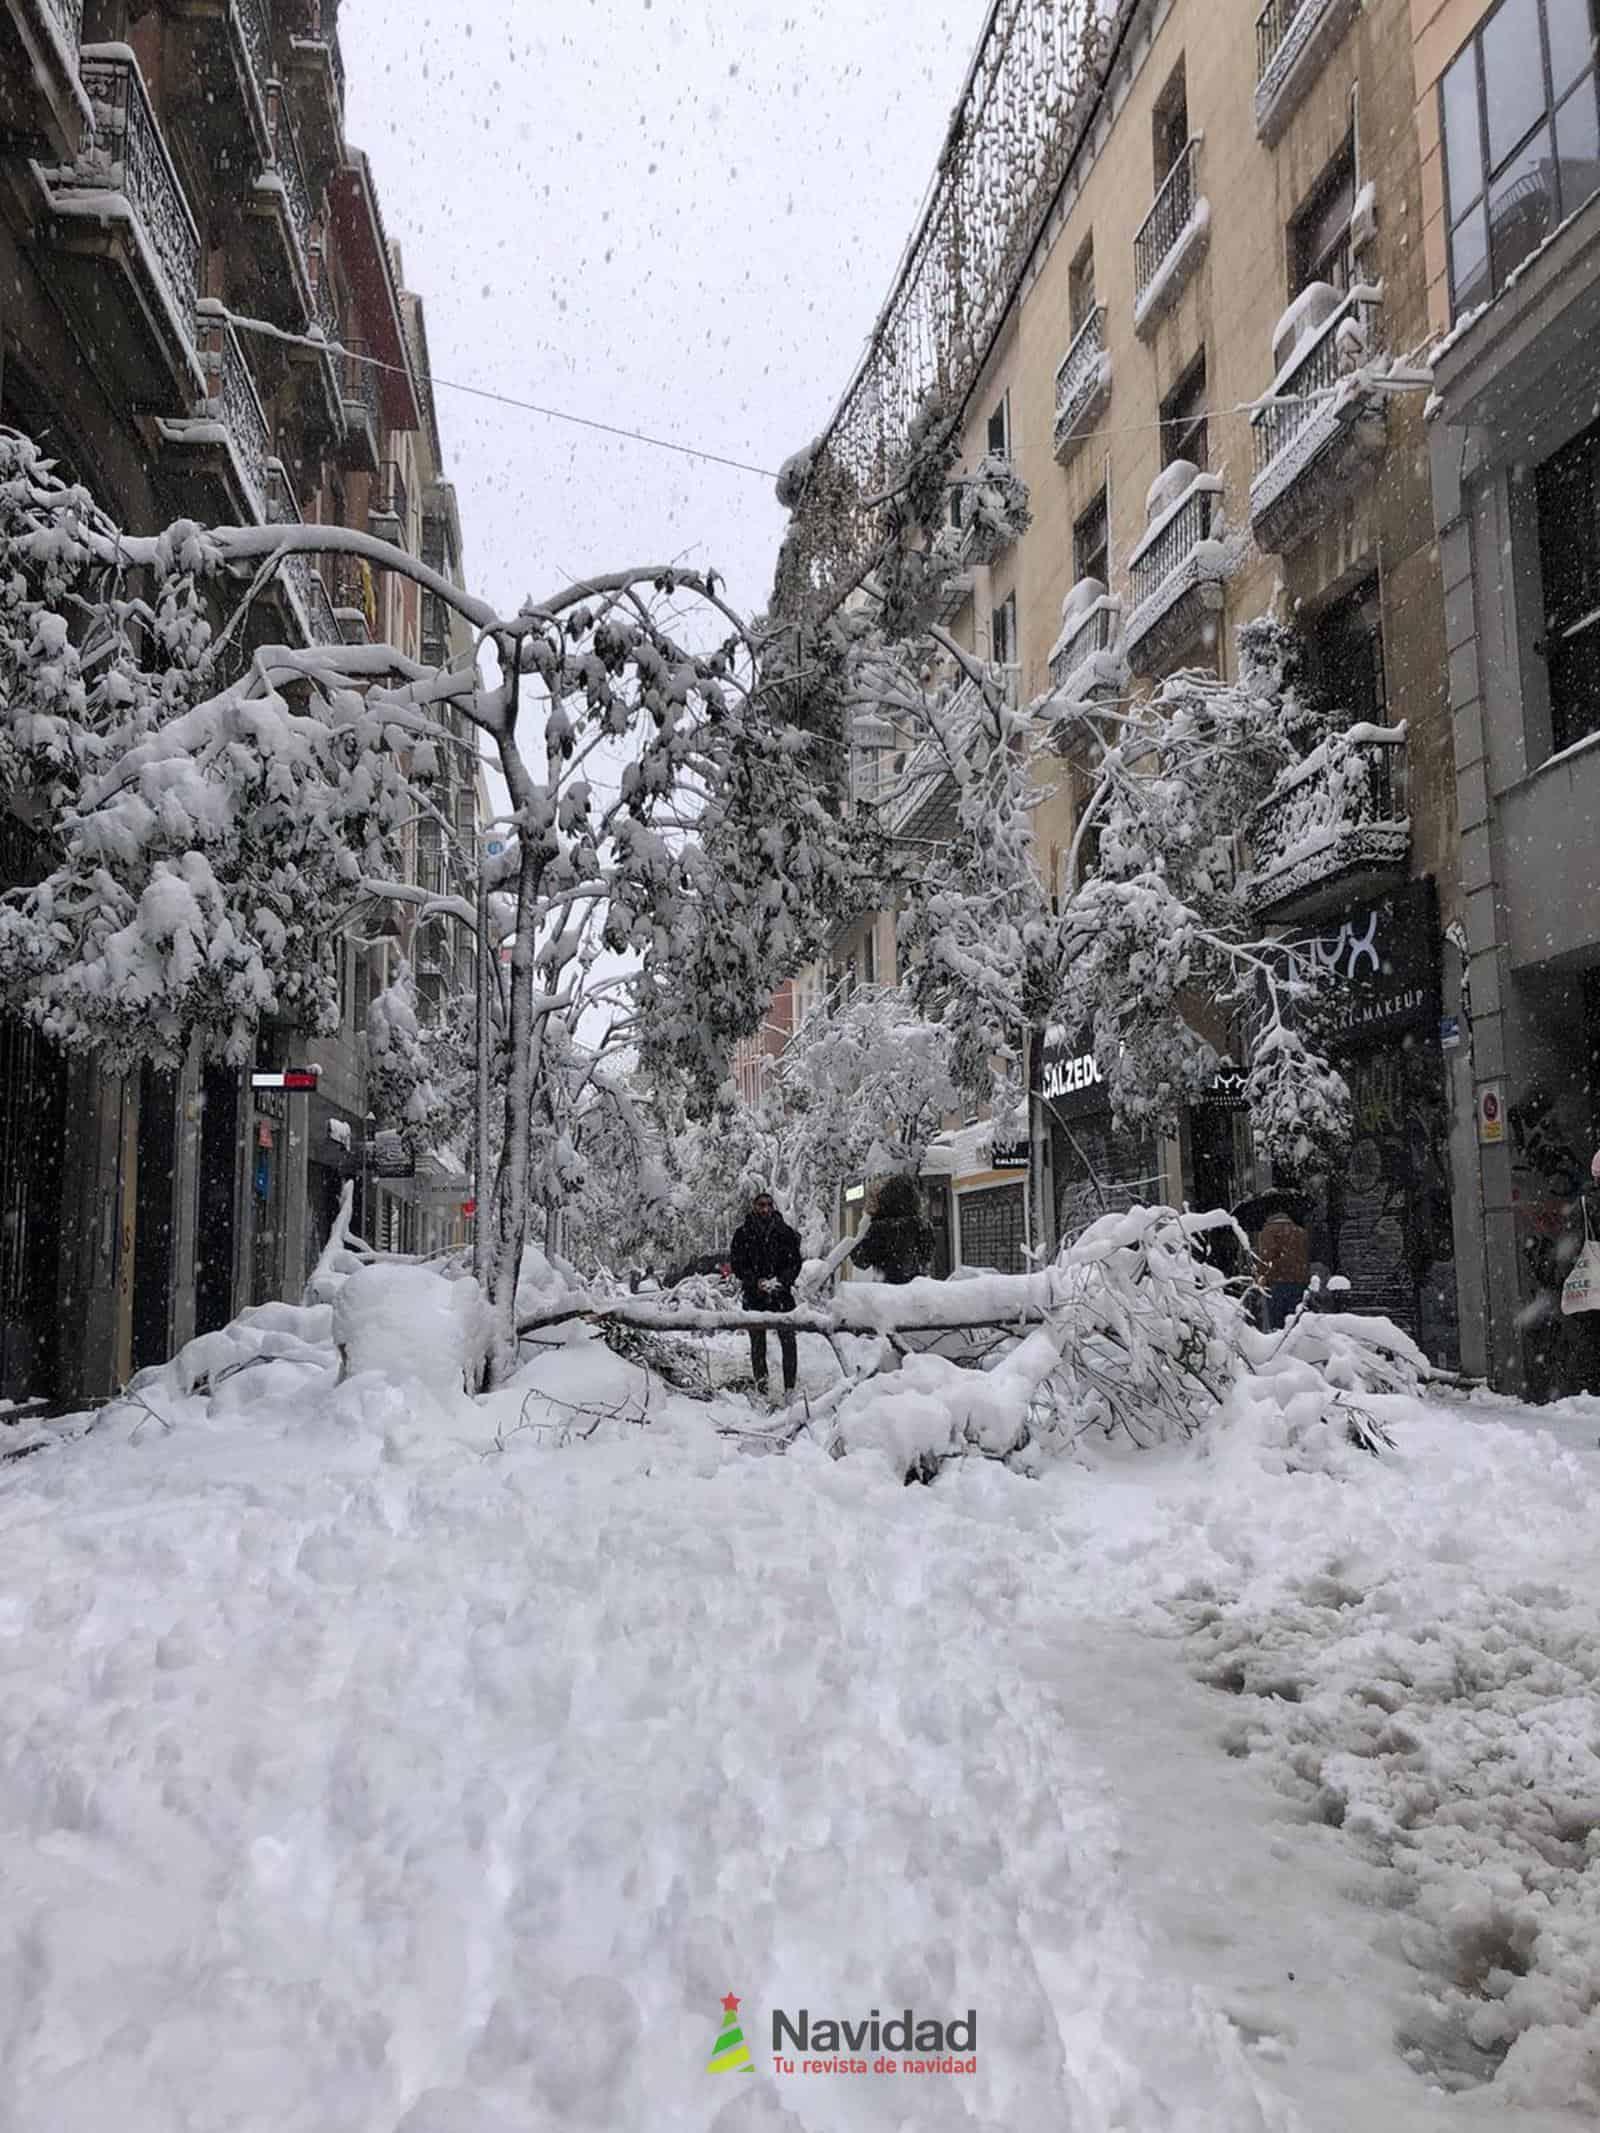 Fotografías de la nevada de enero en Madrid (España) 188